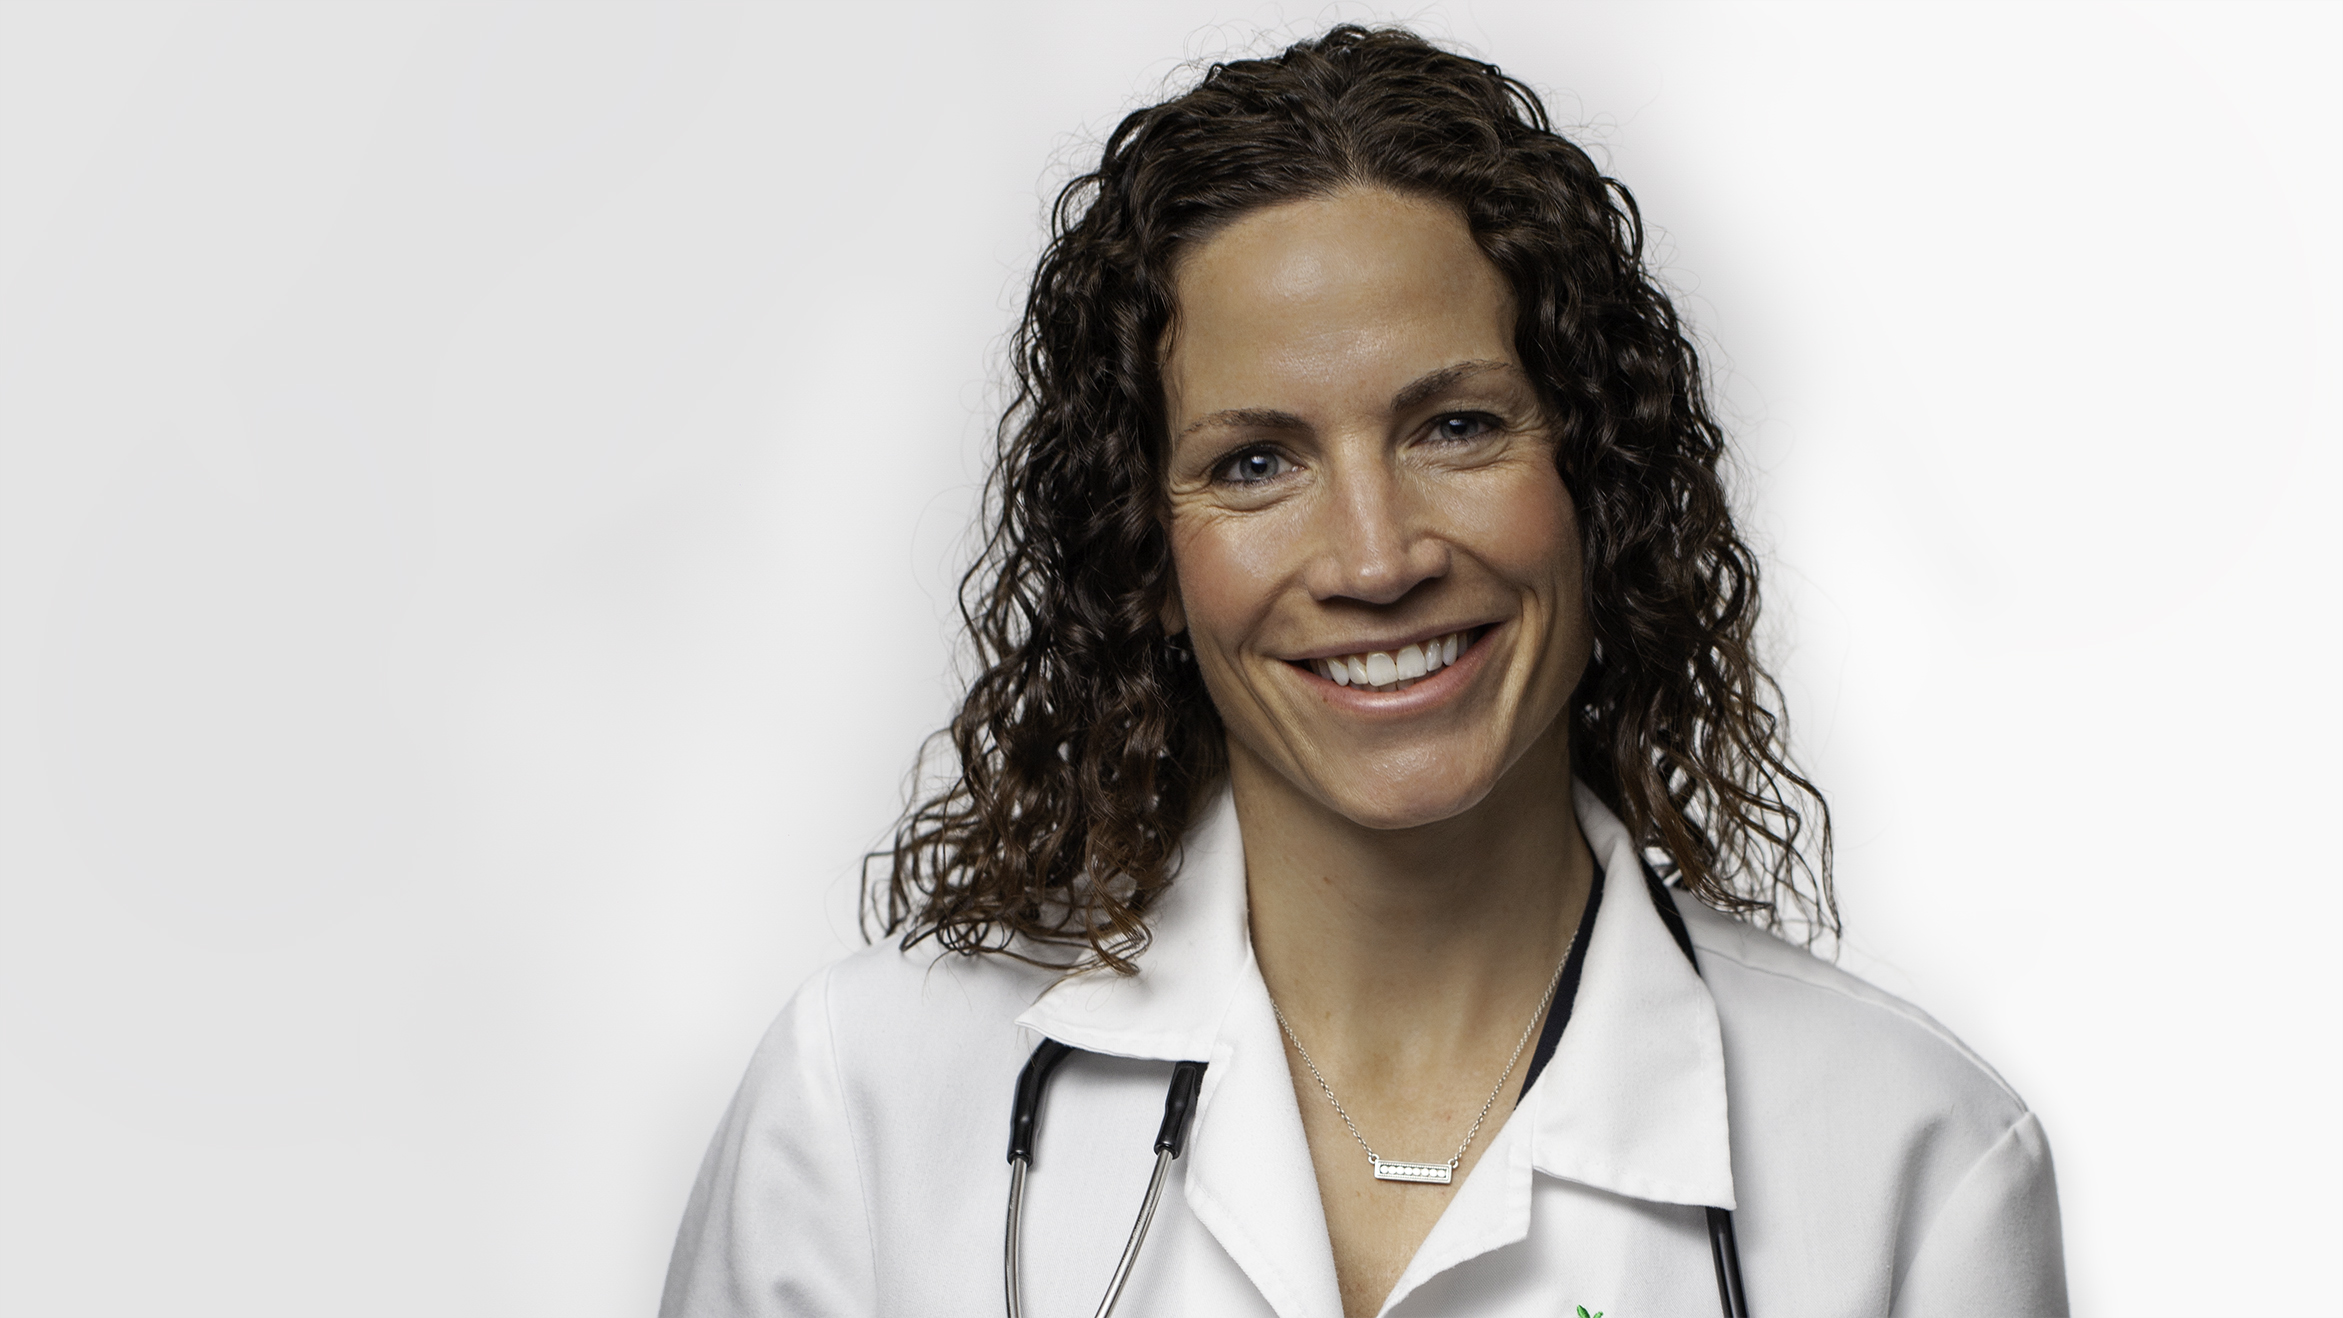 Dr. Faught Portrait.jpg